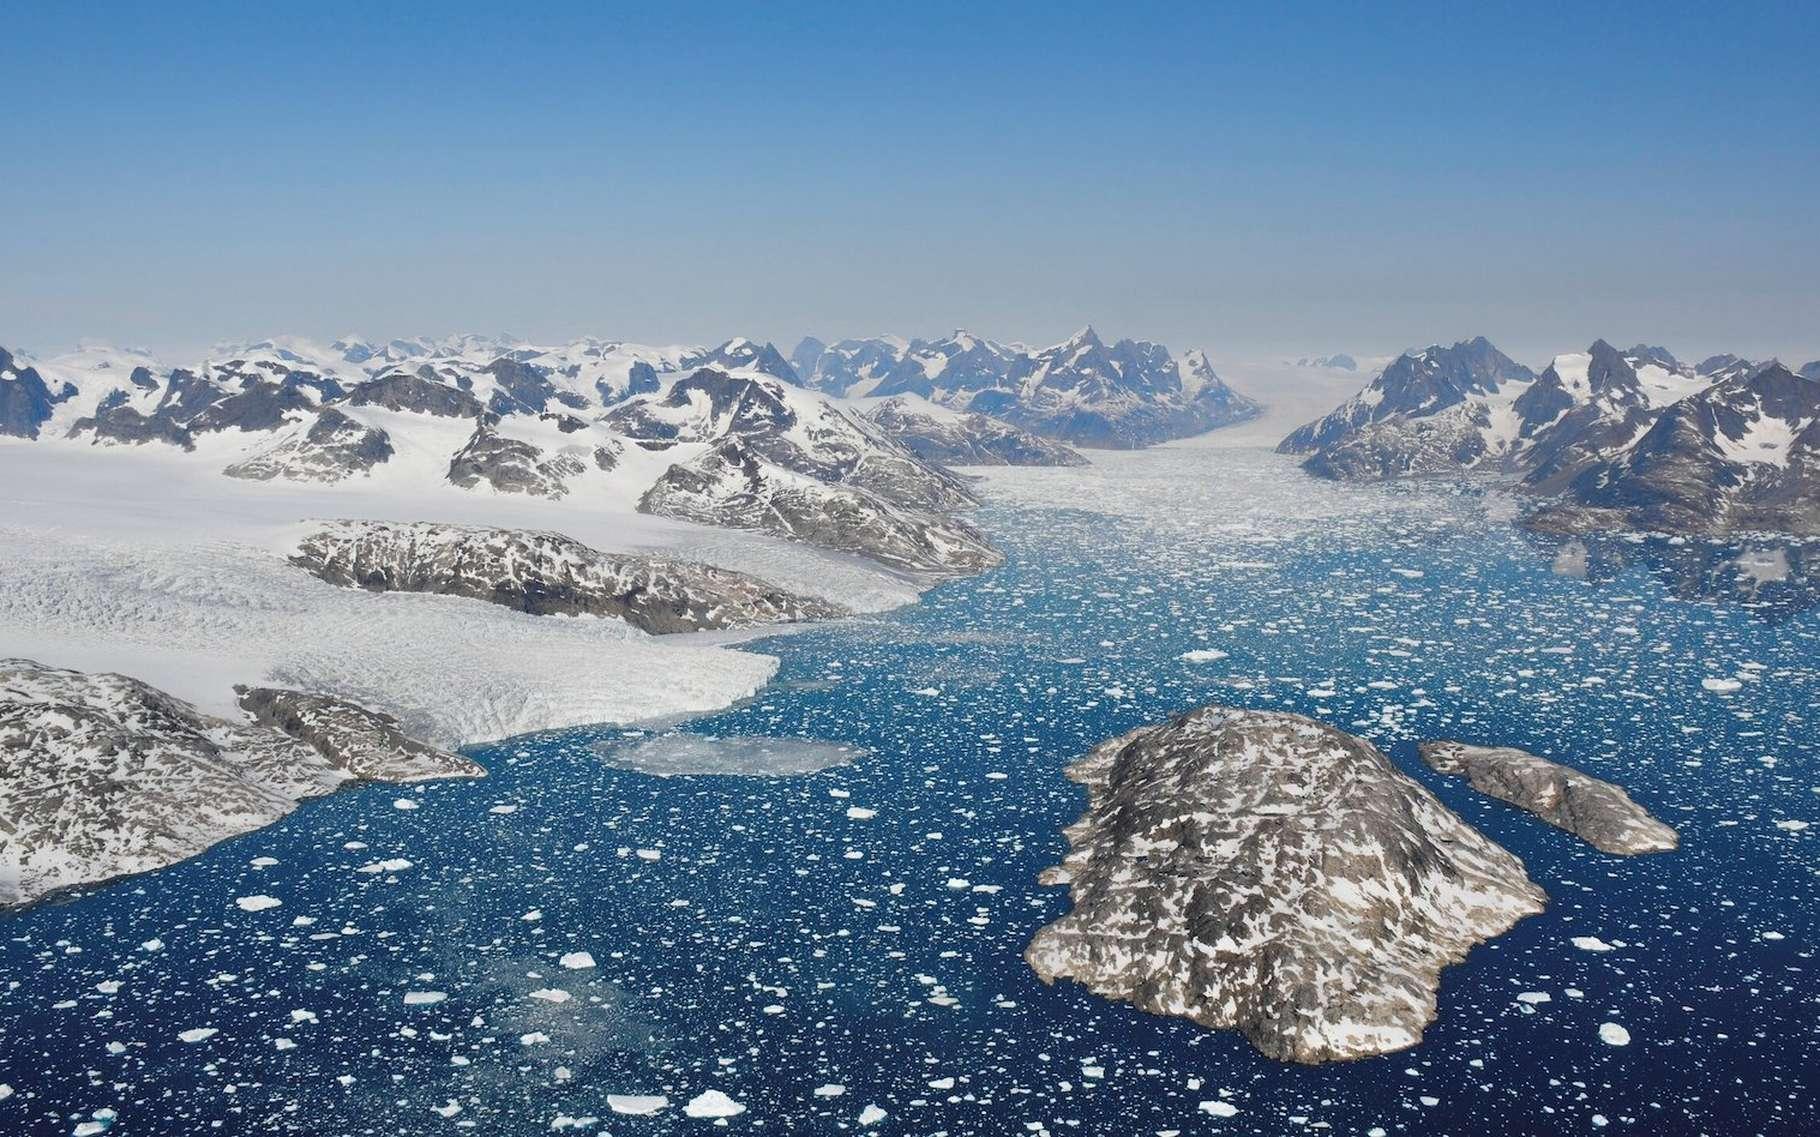 Des glaciers rejettent des icebergs dans les eaux du fjord de Mogens Heinesen, au sud-ouest du Groenland. © Benoit Lecavalier, Université mémoriale de Terre-Neuve